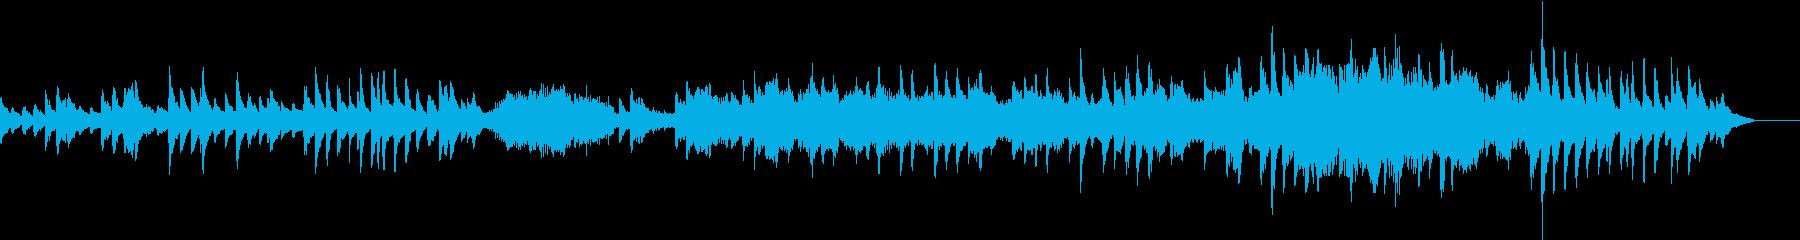 有名歌曲 オンブラマイフ バイオリンの再生済みの波形